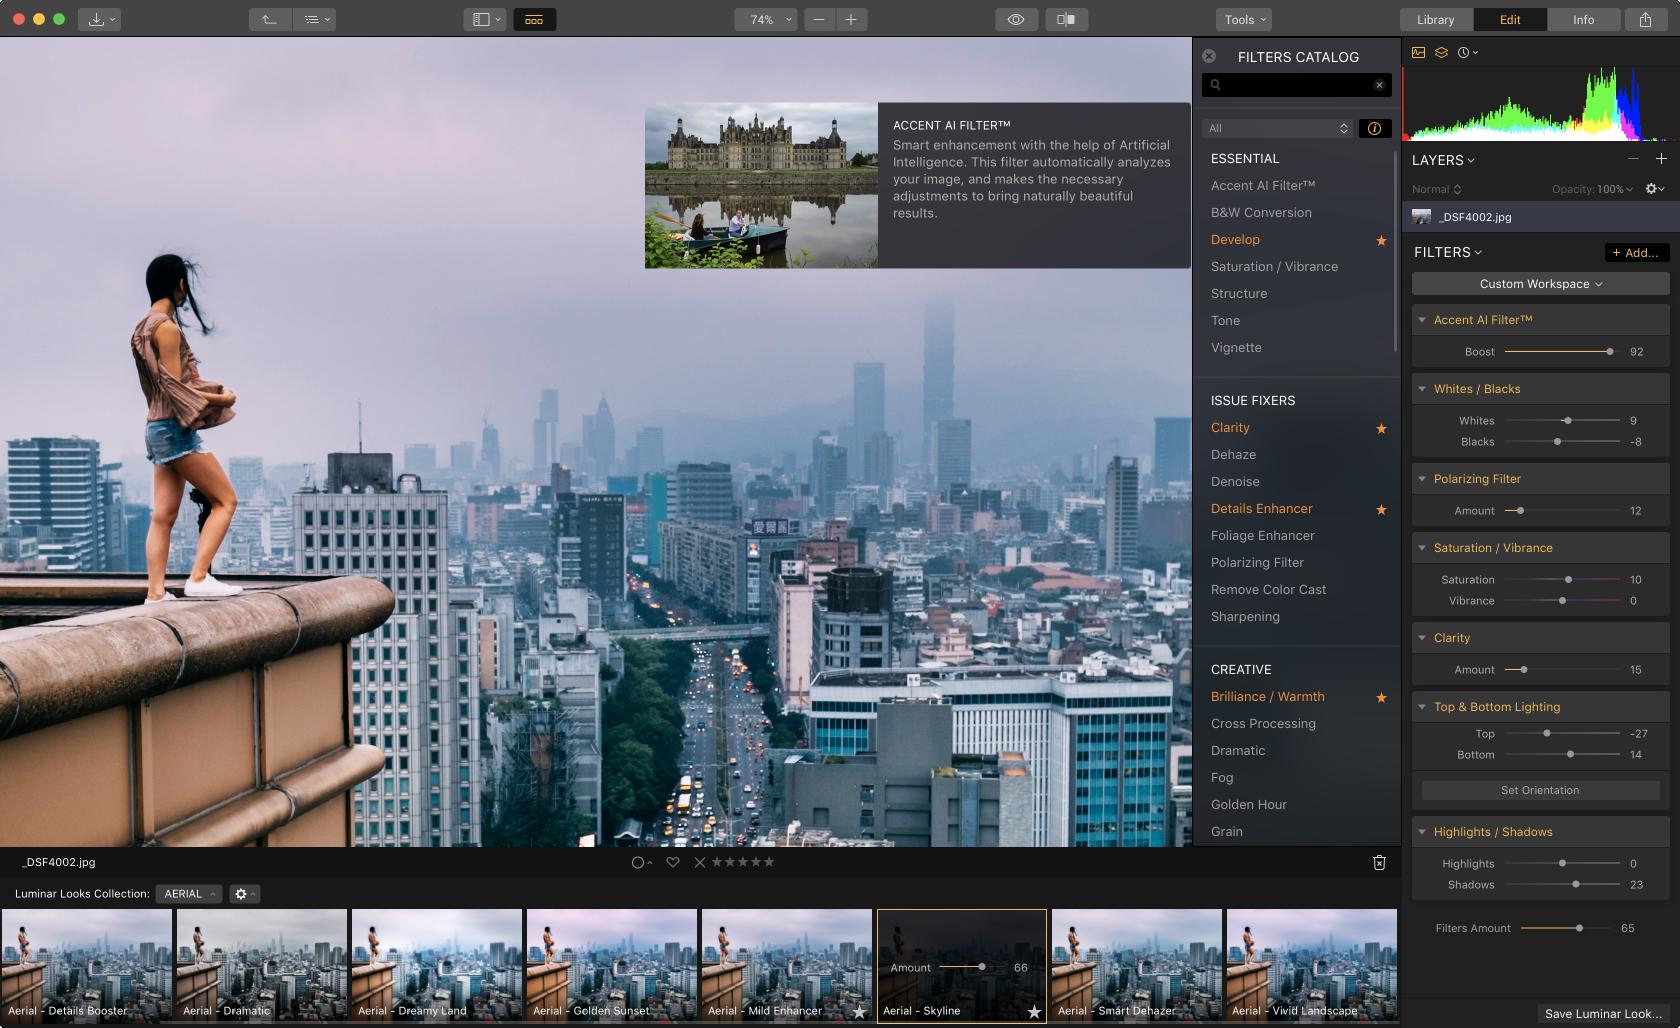 Alles, was du über Luminar mit integrierter Bibliothek wissen musst Image5